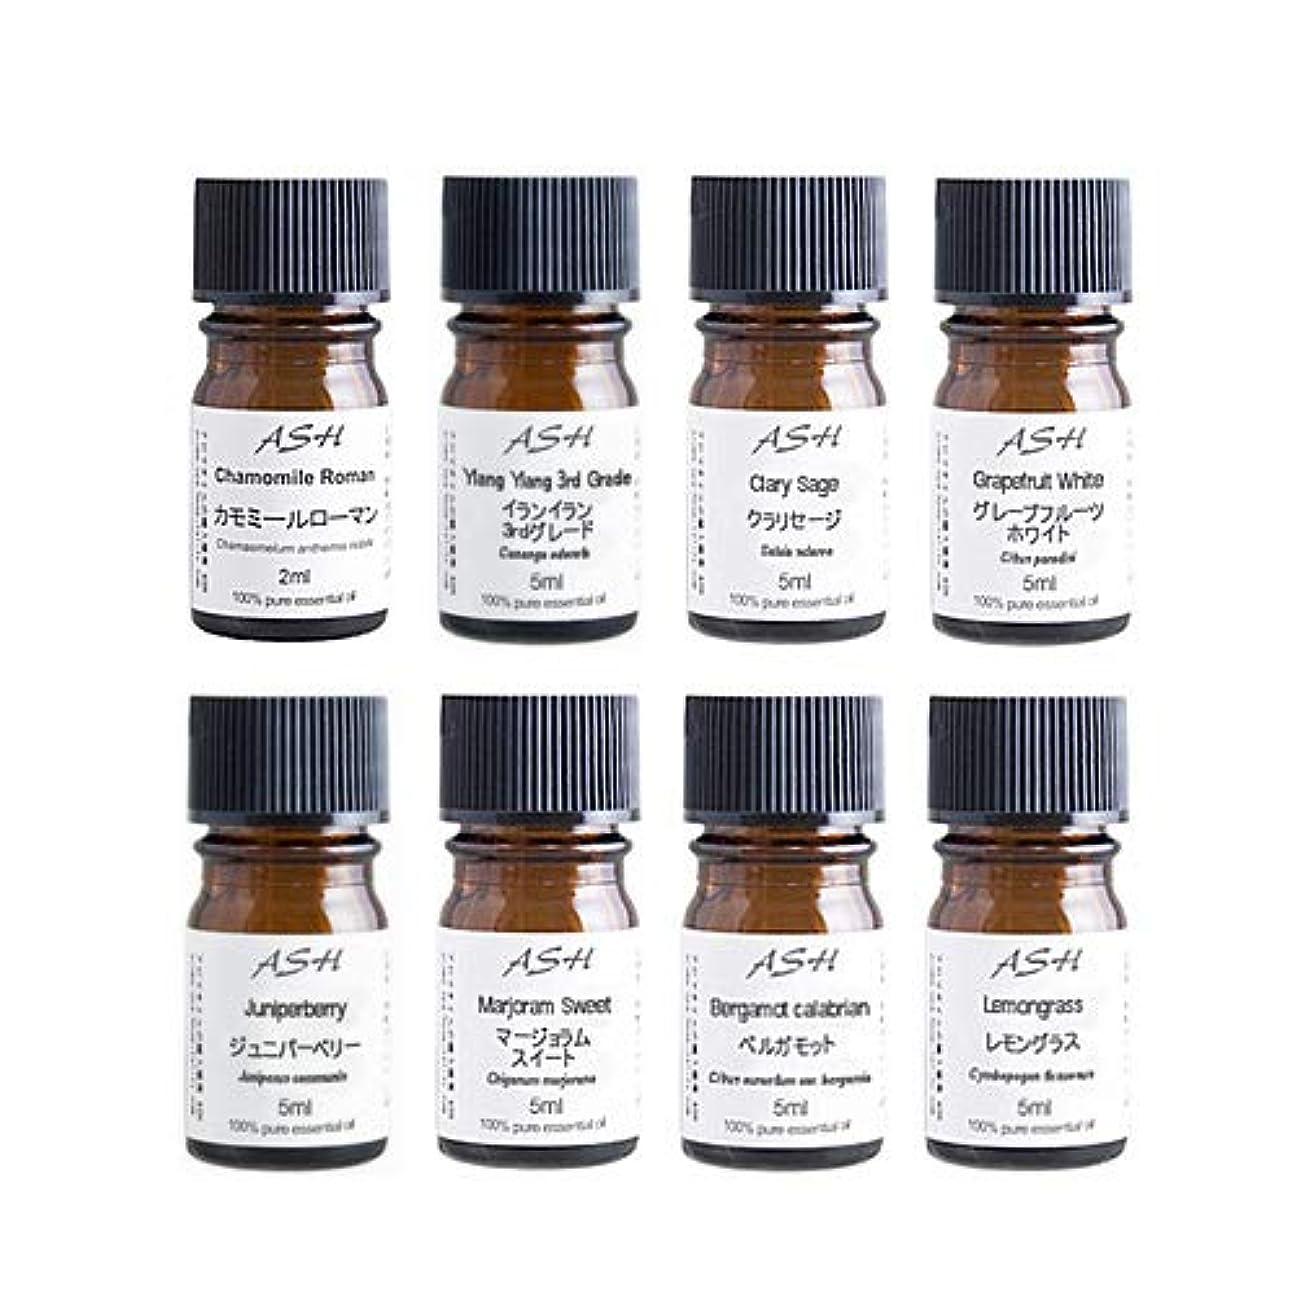 司書サンダル団結ASH アロマ検定 1級 対応 セット 5mlx7本、2mlx1本(カモミールローマン2ml、イランイラン、クラリセージ、グレープフルーツ、ジュニパーベリー、ベルガモット、マージョラムスイート、レモングラス)AEAJ表示基準適合認定精油